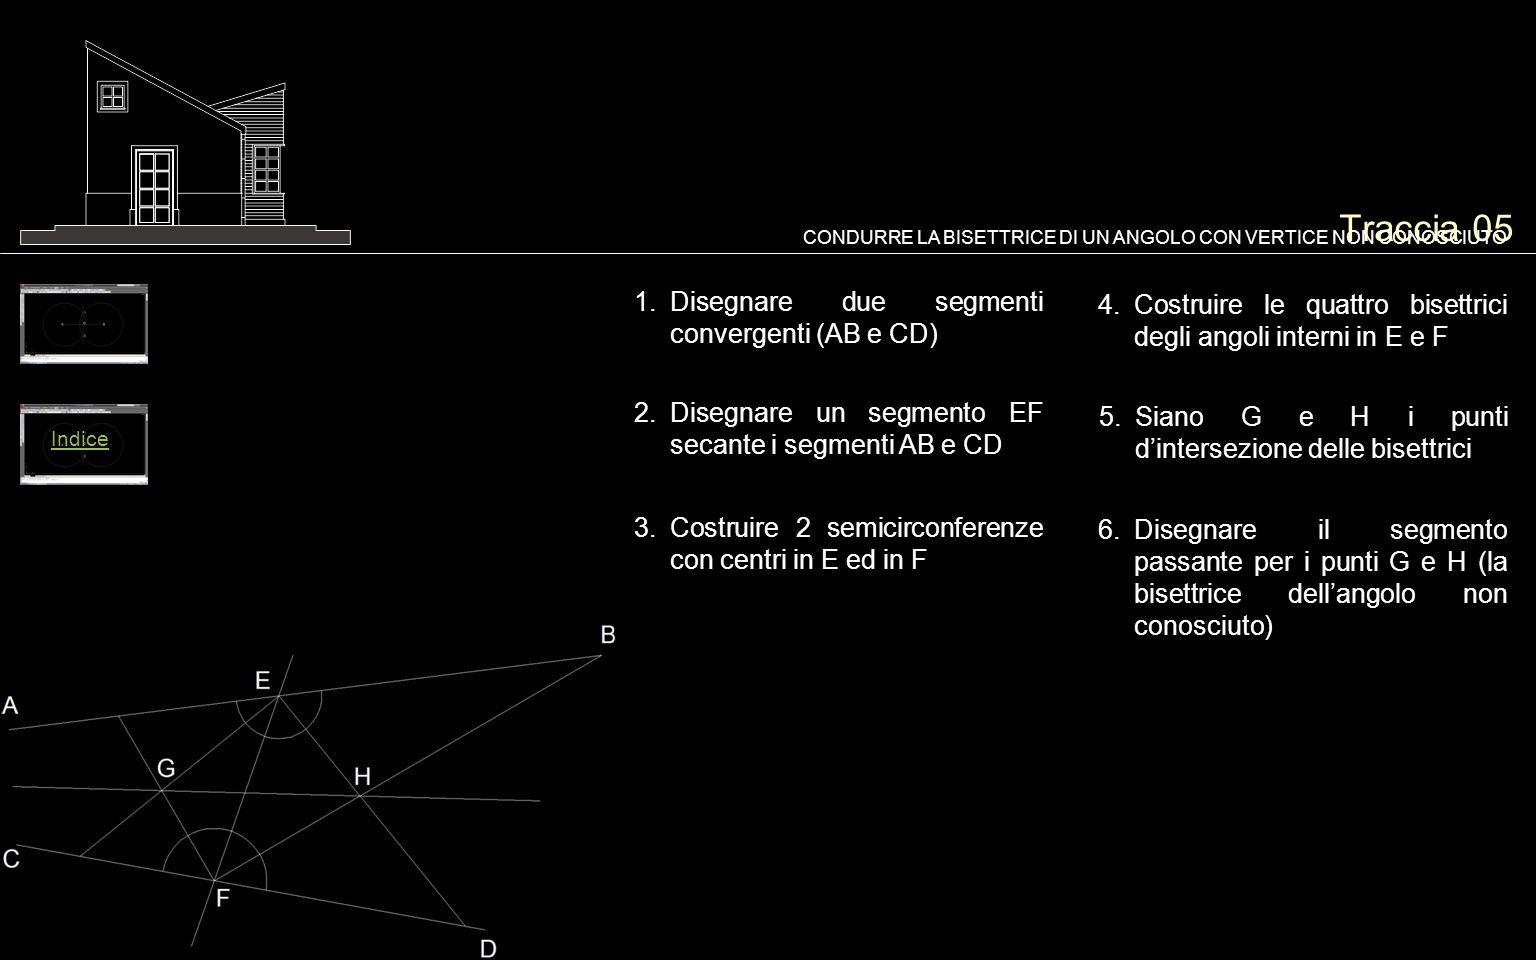 Traccia 05 1.Disegnare due segmenti convergenti (AB e CD) CONDURRE LA BISETTRICE DI UN ANGOLO CON VERTICE NON CONOSCIUTO 2.Disegnare un segmento EF secante i segmenti AB e CD 6.Disegnare il segmento passante per i punti G e H (la bisettrice dell'angolo non conosciuto) 3.Costruire 2 semicirconferenze con centri in E ed in F Indice 4.Costruire le quattro bisettrici degli angoli interni in E e F 5.Siano G e H i punti d'intersezione delle bisettrici